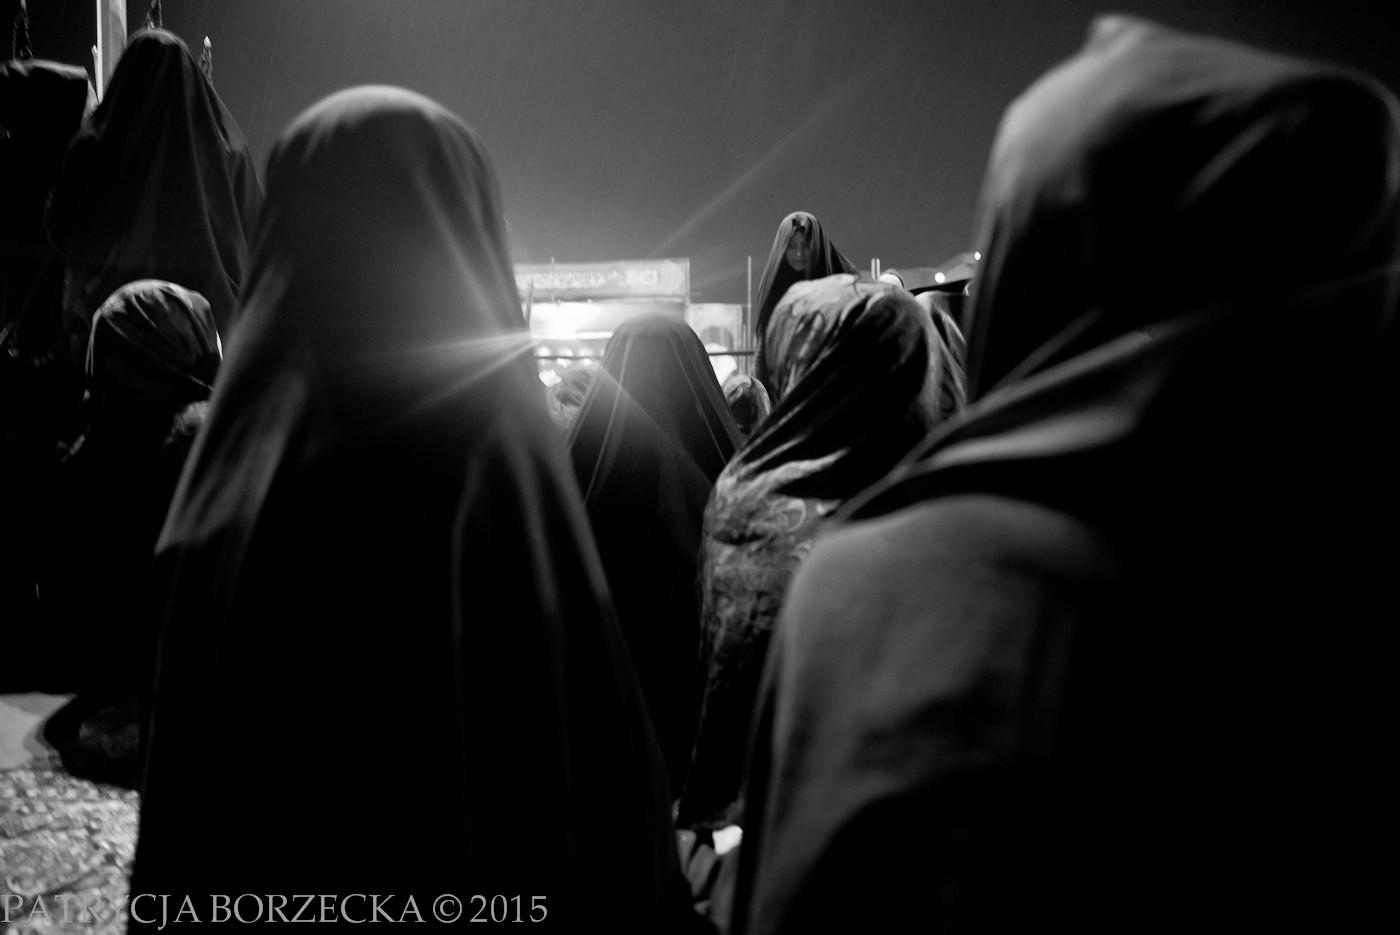 PatrycjaBorzecka-photo-Muharram02